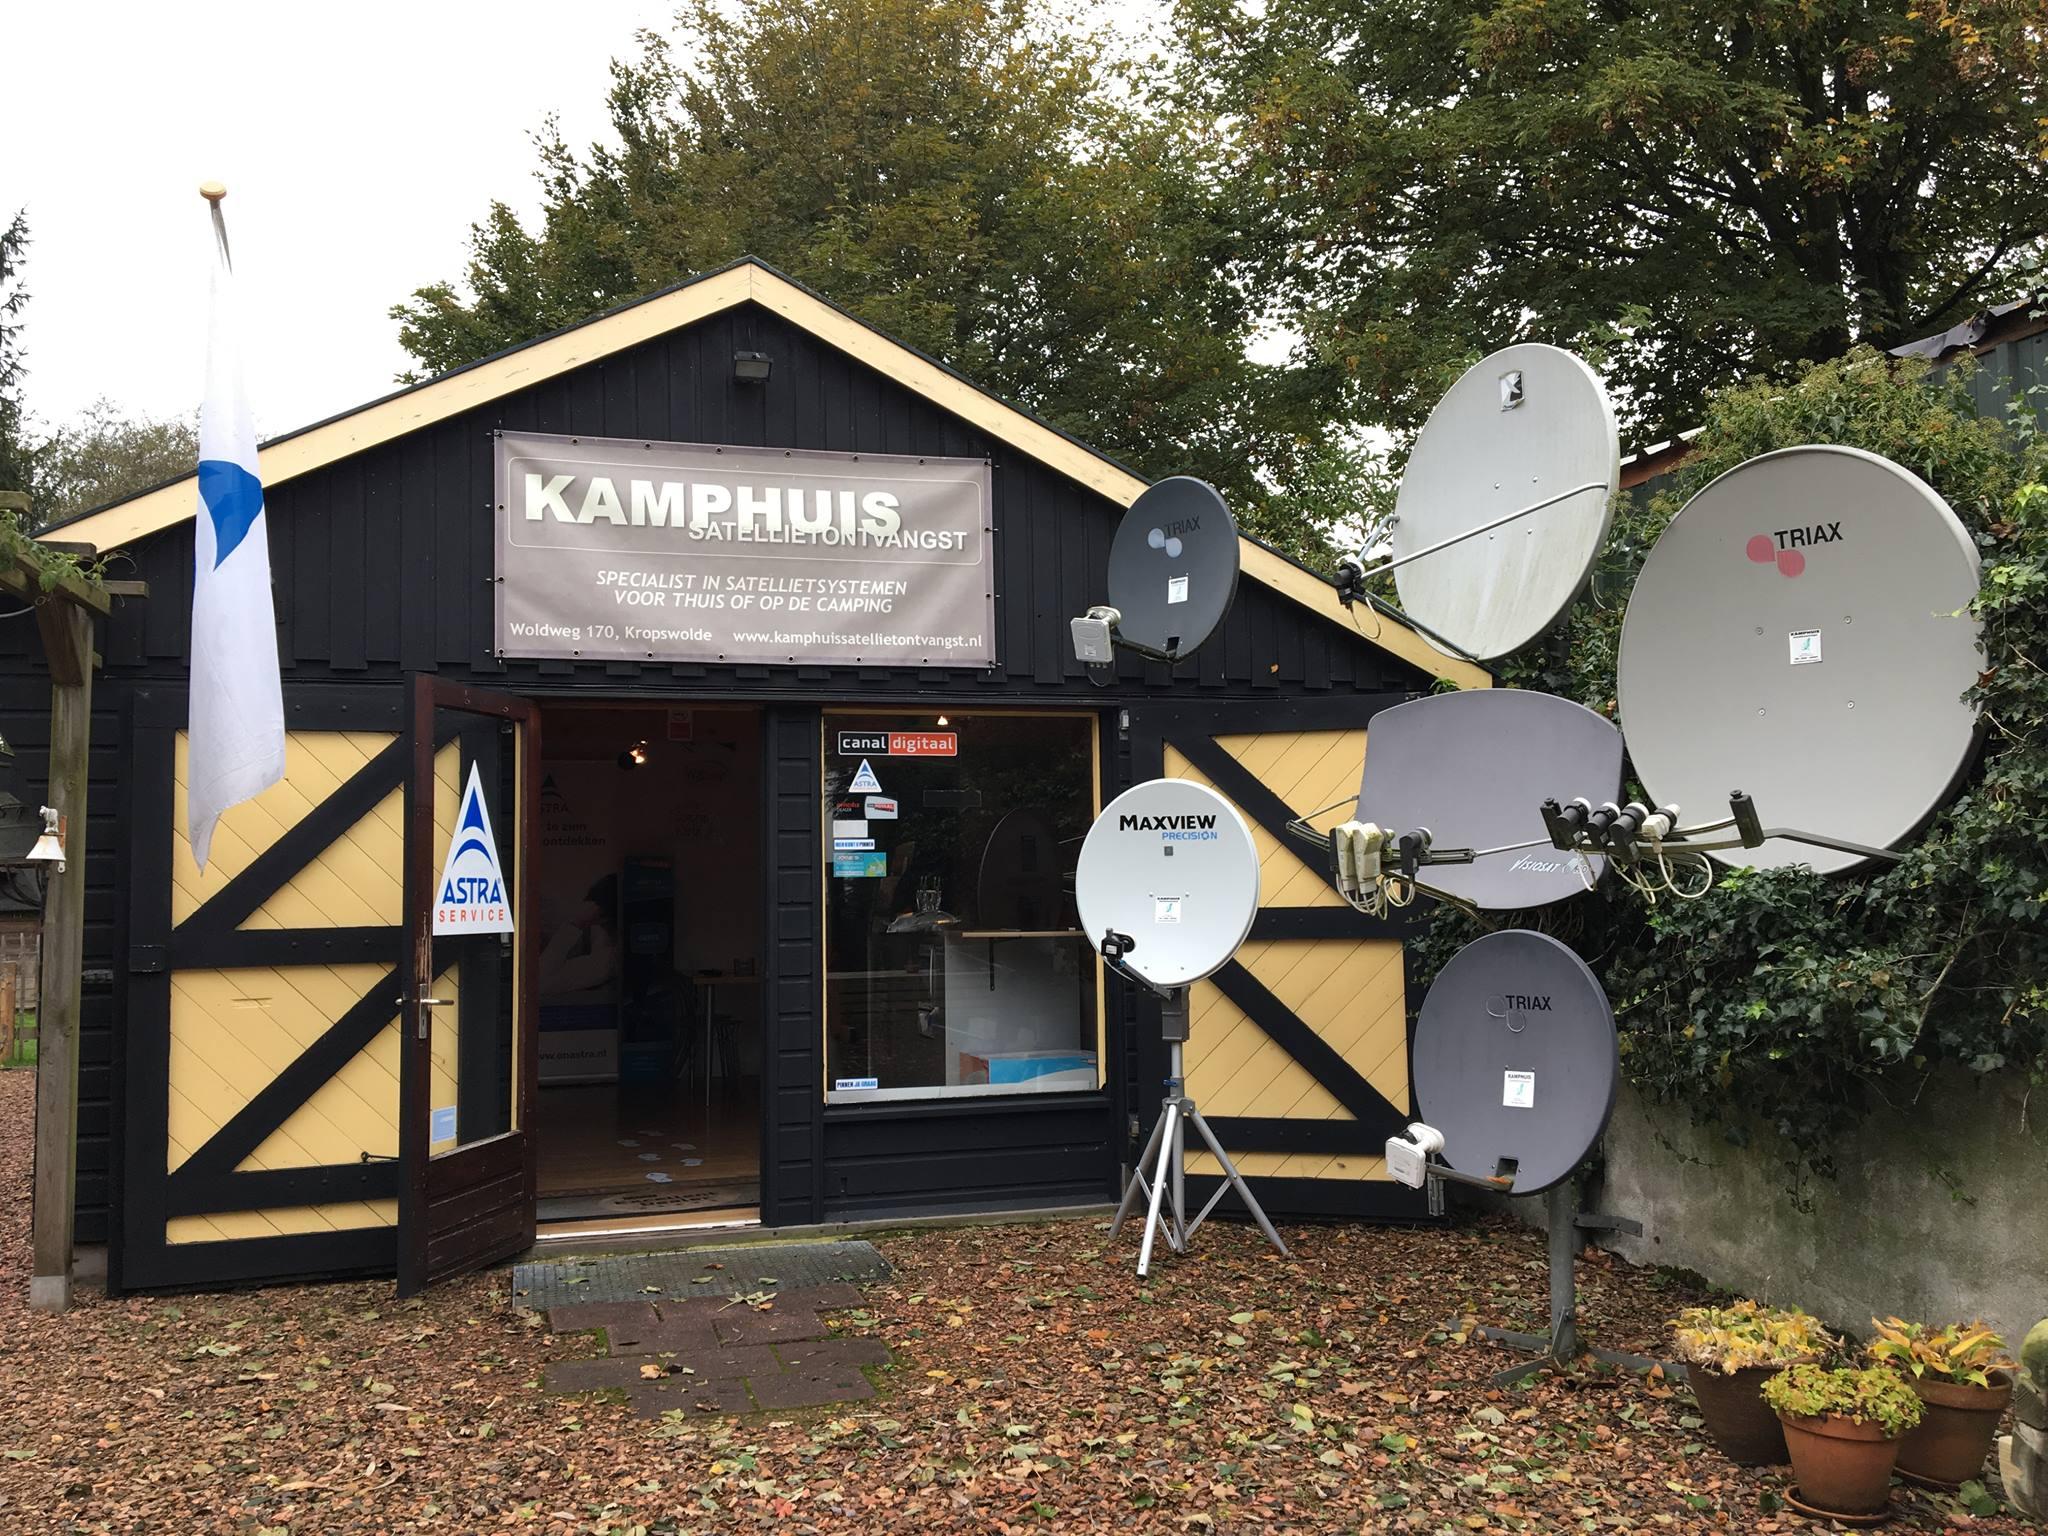 Kamphuis satellietontvangst - Keukenplan op de eetkamer geopend ...